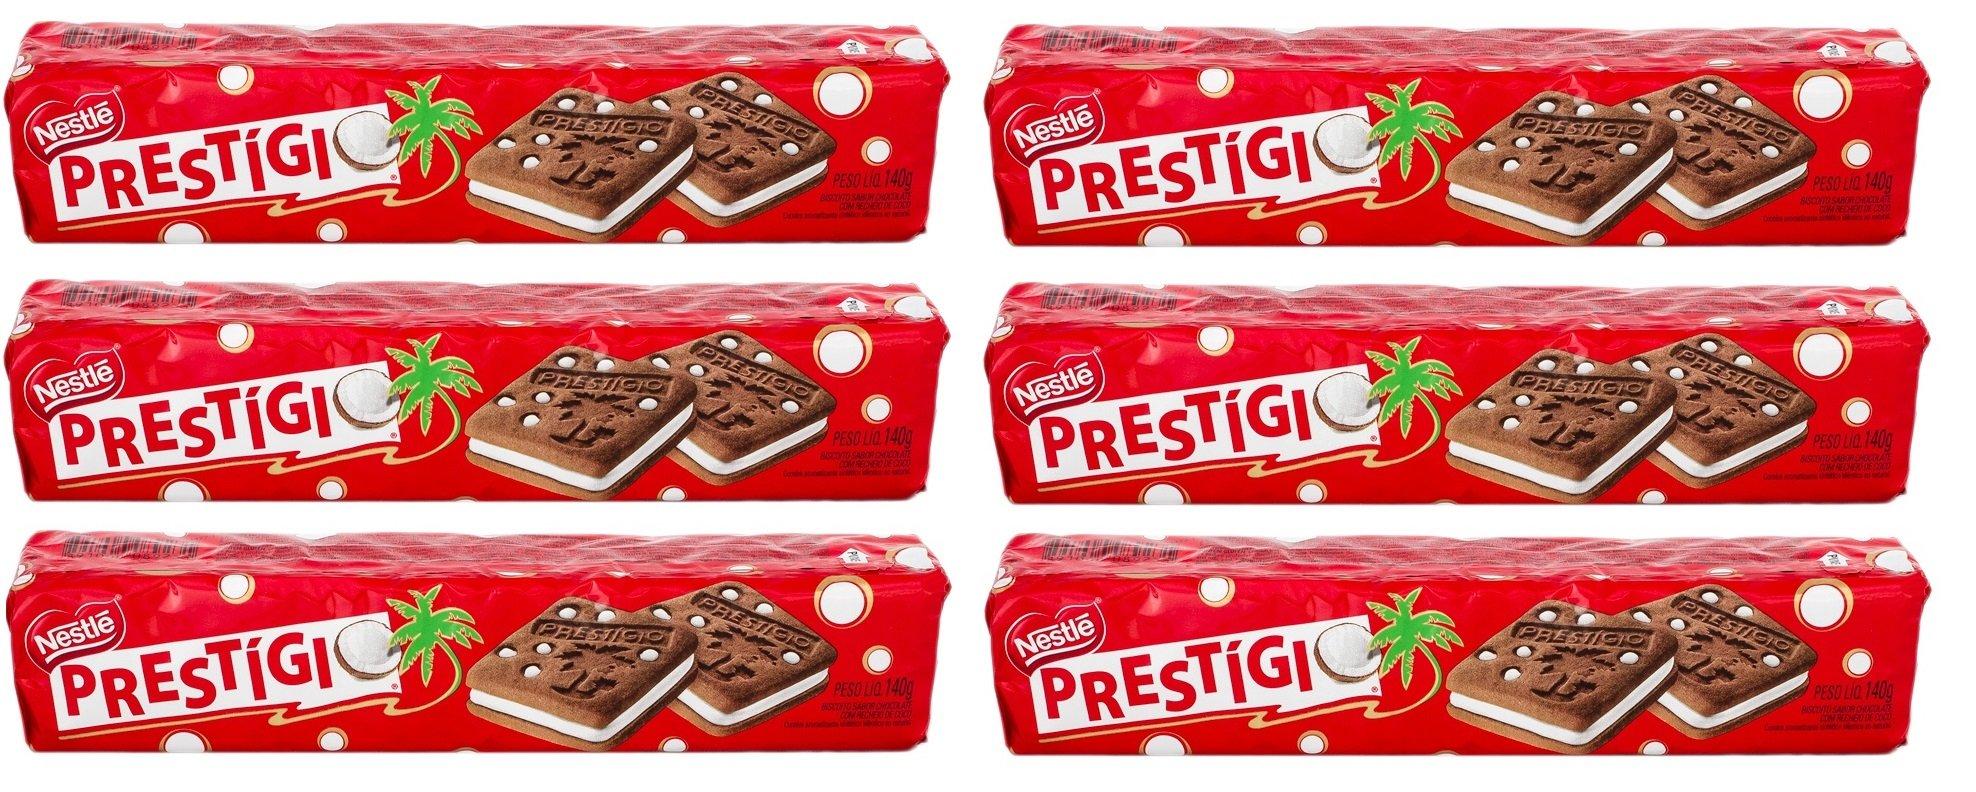 Prestigio Galleta sabor Chocolate Relleno de Coco 140 gr./Chocolate Cookie Filled w/Coconut 4.93 oz. - 6 Pack.